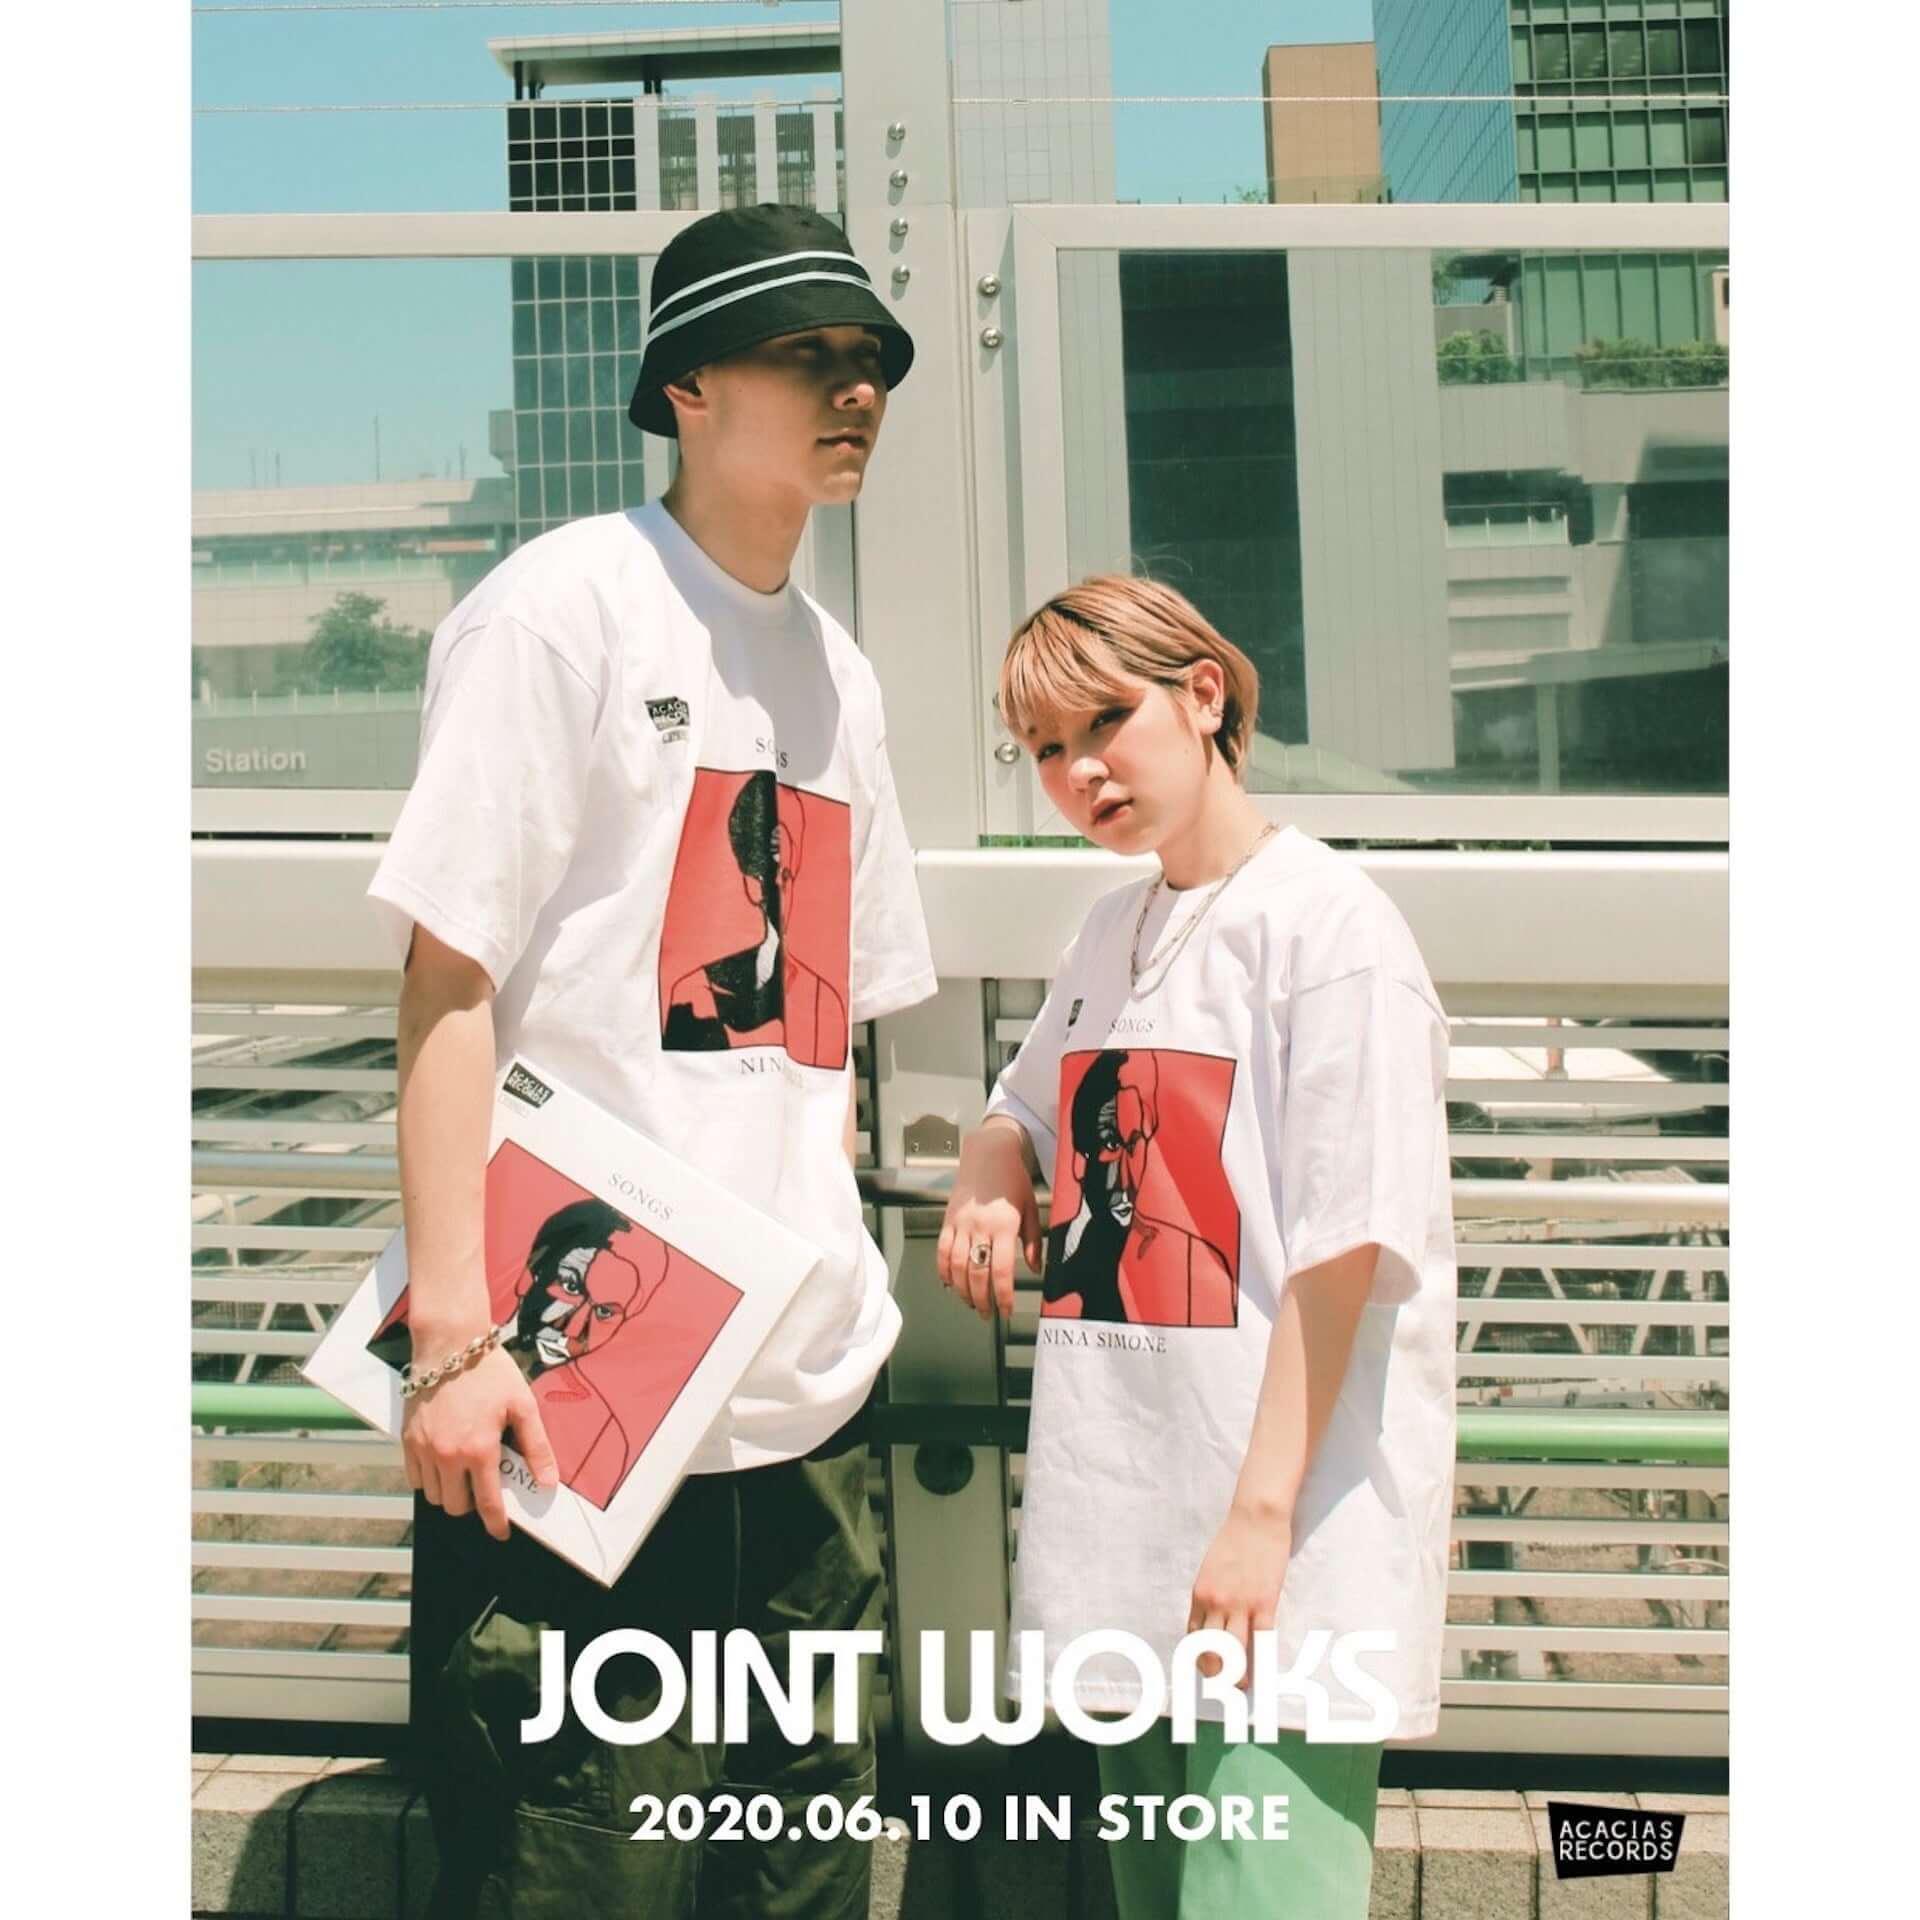 架空のレコードショップ・ACACIAS RECORDSのTシャツがJOINT WORKSにて販売決定|先着でステッカーもプレゼント lf200609_acaciasrecords_3-1920x1920